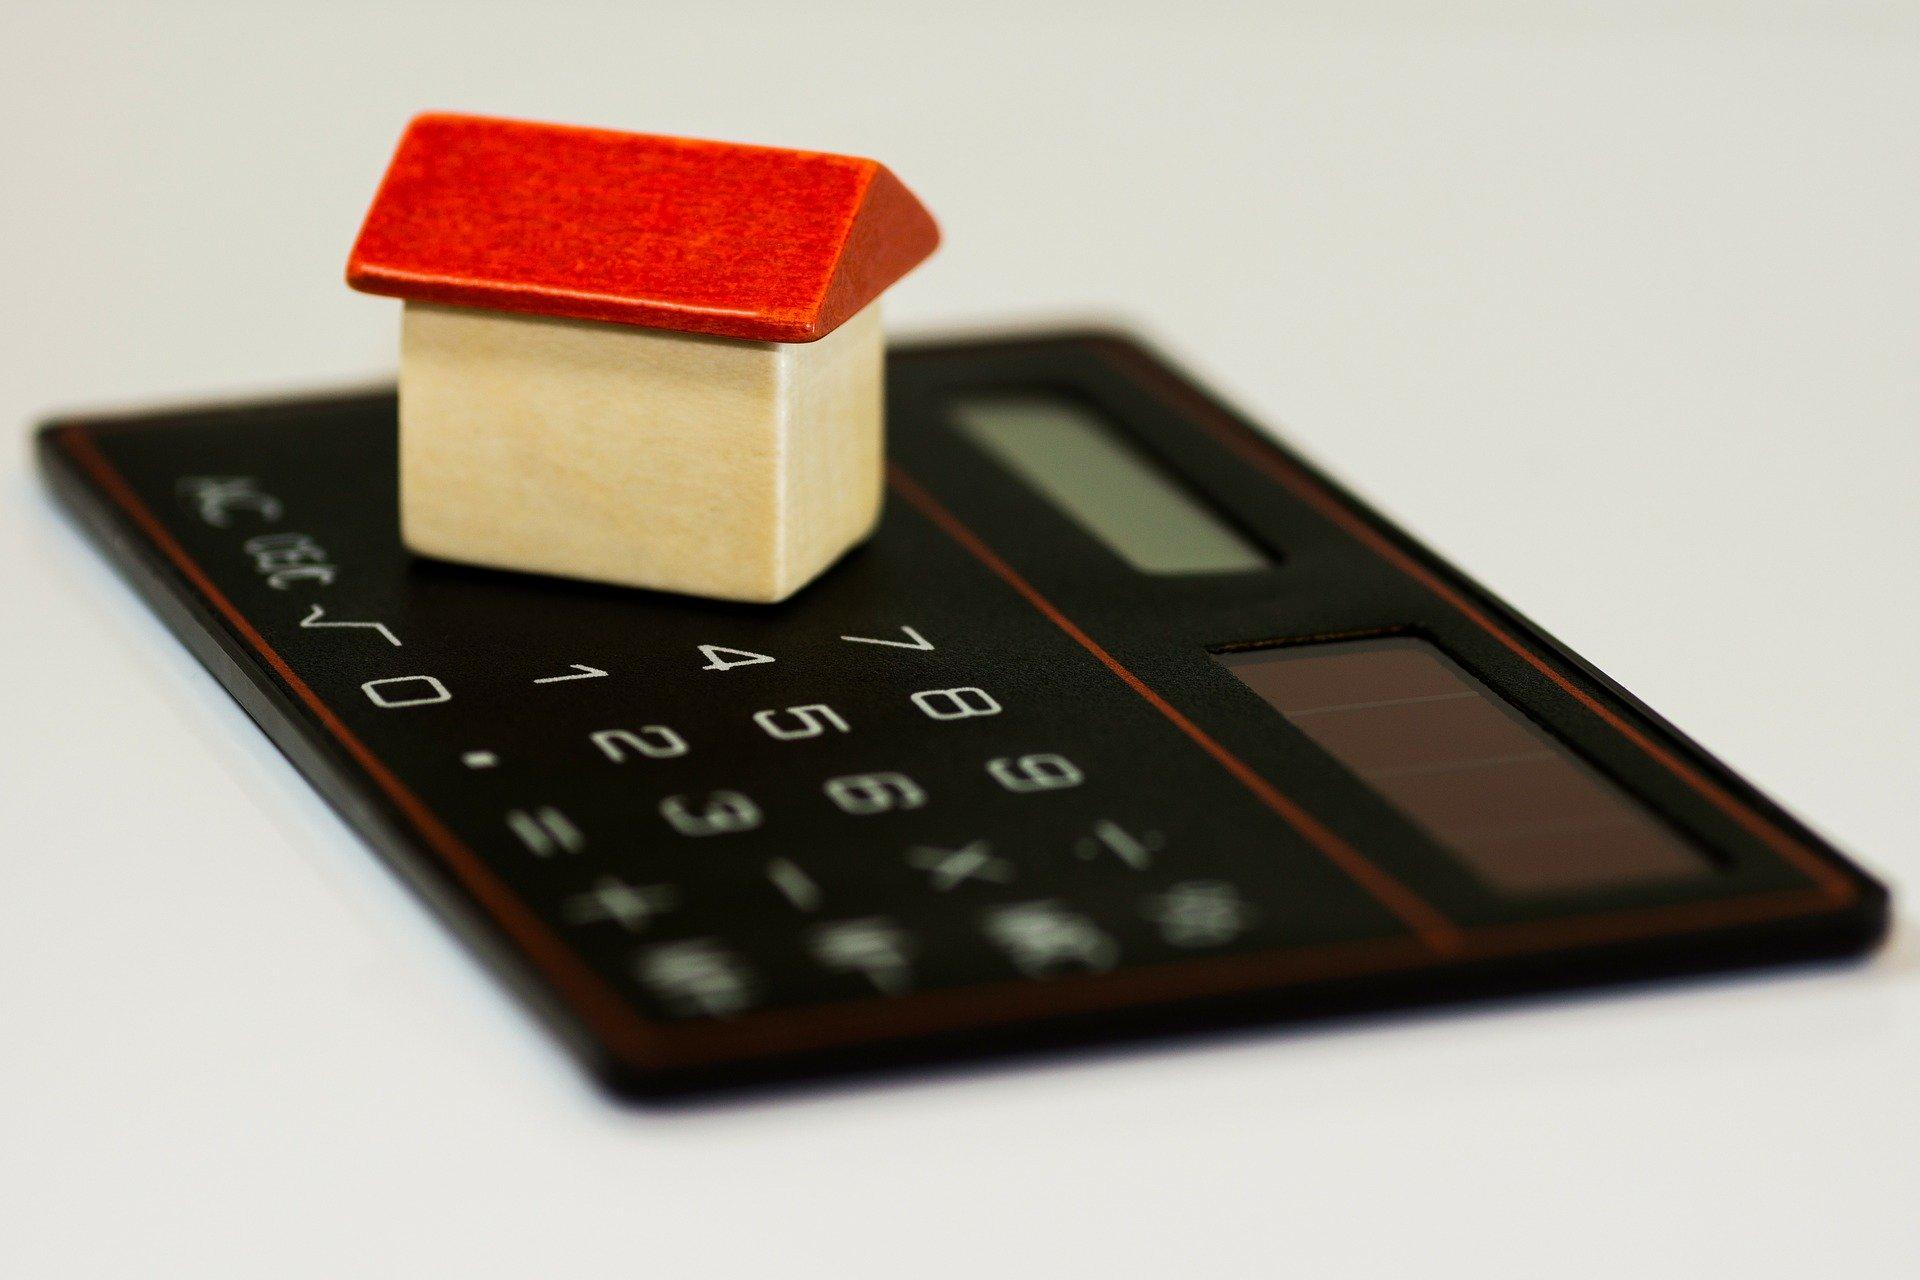 Acheter une maison sans mise de fonds